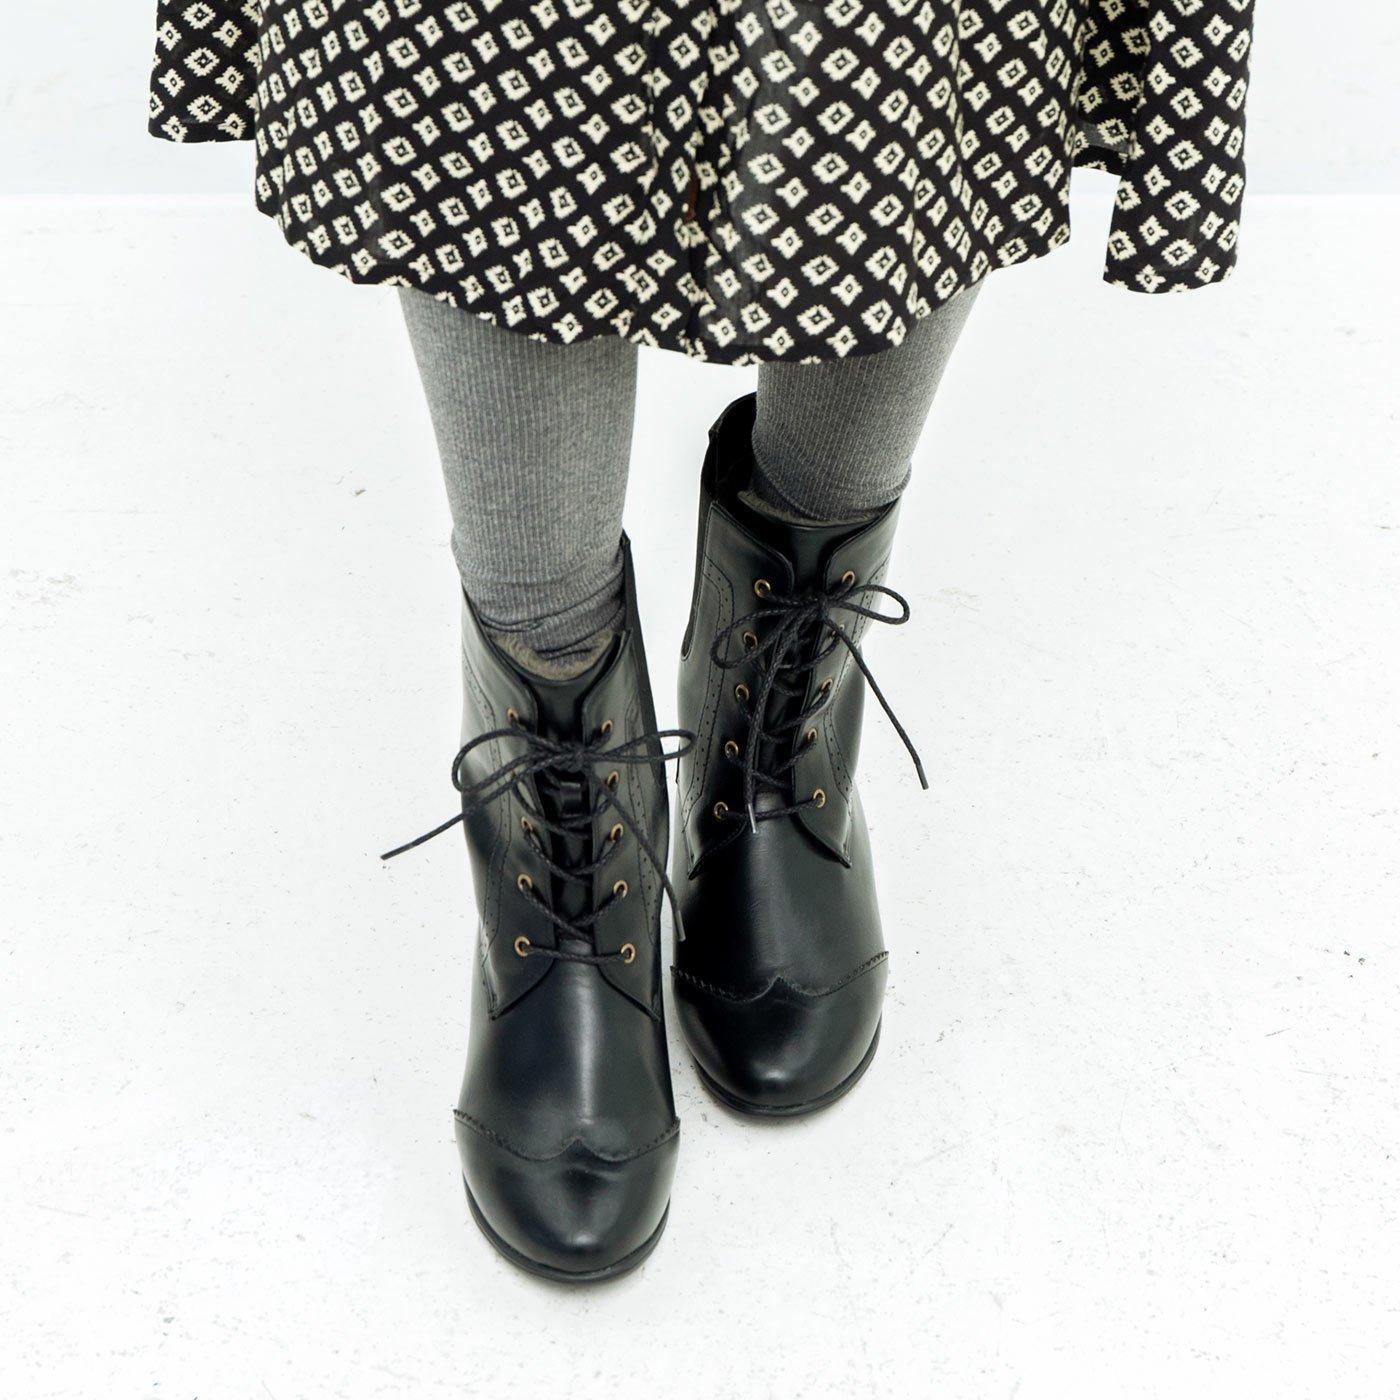 防水仕立て! ファーで暖か! さっと履けてしなやかに歩ける編み上げブーツ〈ブラック〉